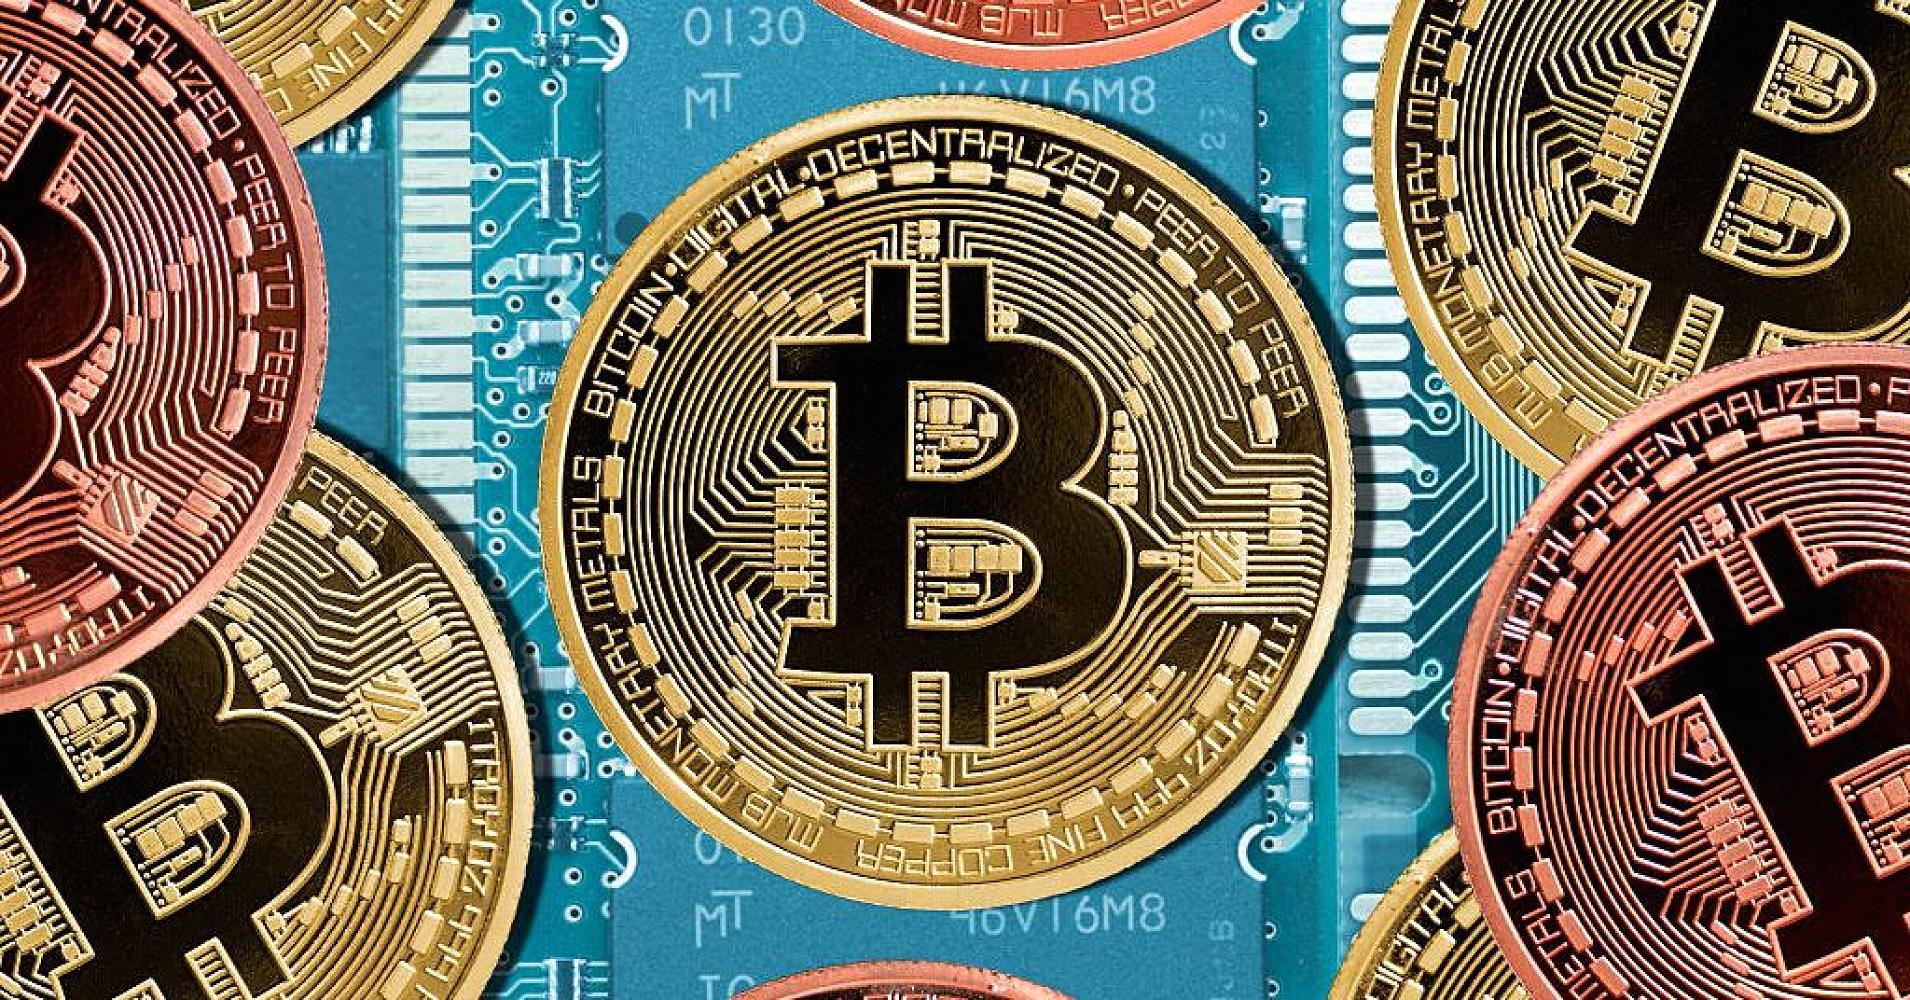 CryptoVoid